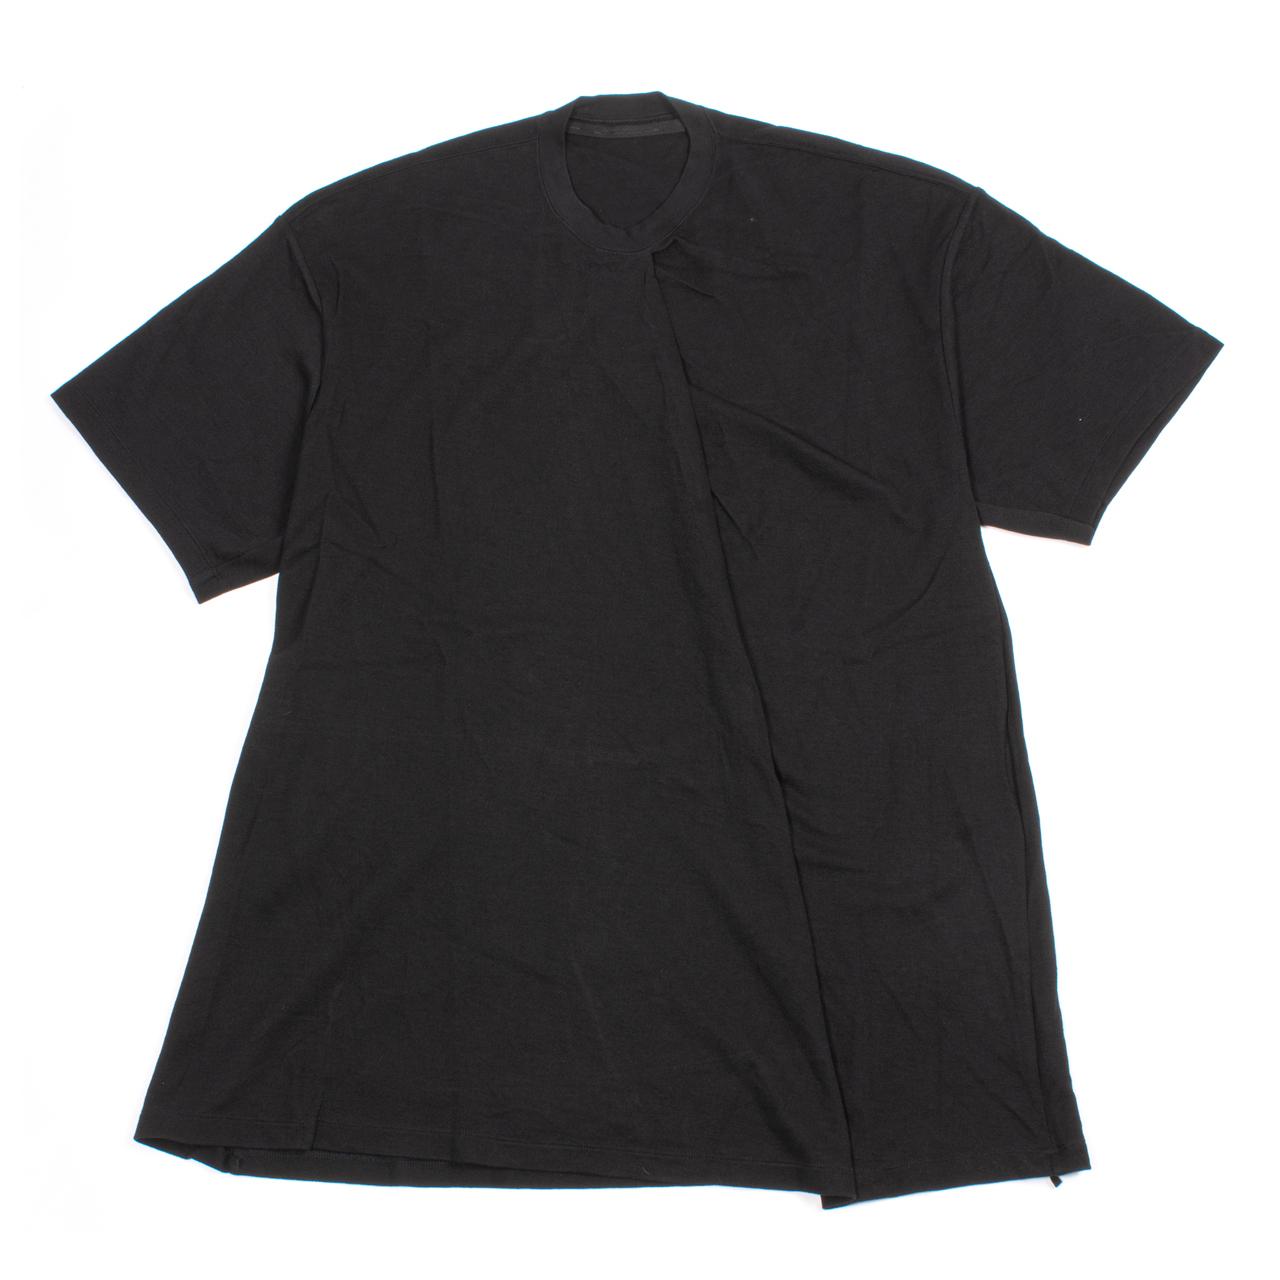 717CUM5-BLACK / タックドカラーTシャツ